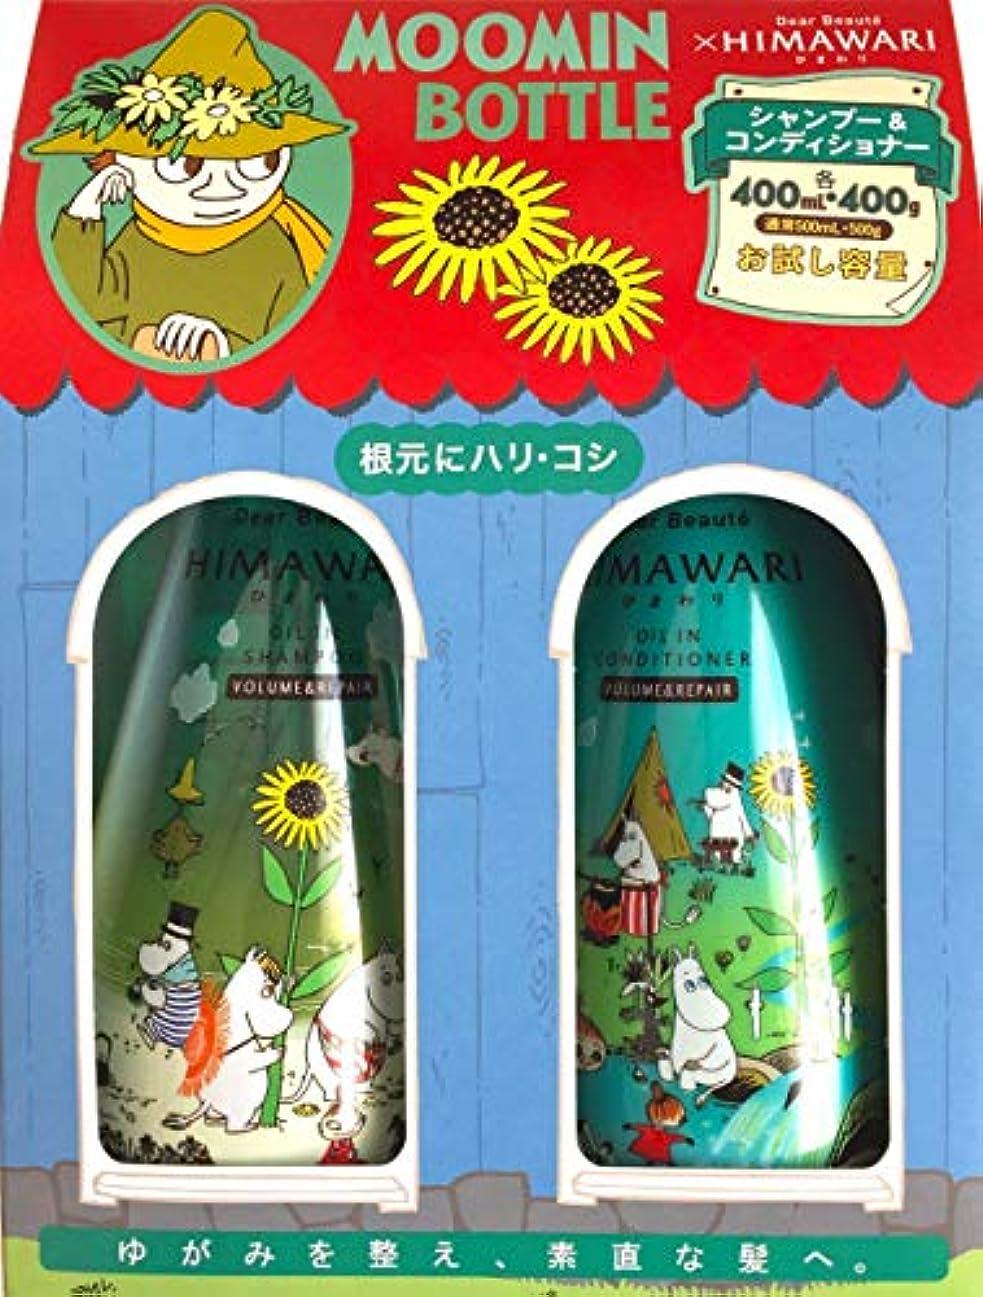 親モック保安ディアボーテ HIMAWARI(ヒマワリ) ボリューム&リペア ムーミンデザイン おタメし容量ペアセット 400ml+400g